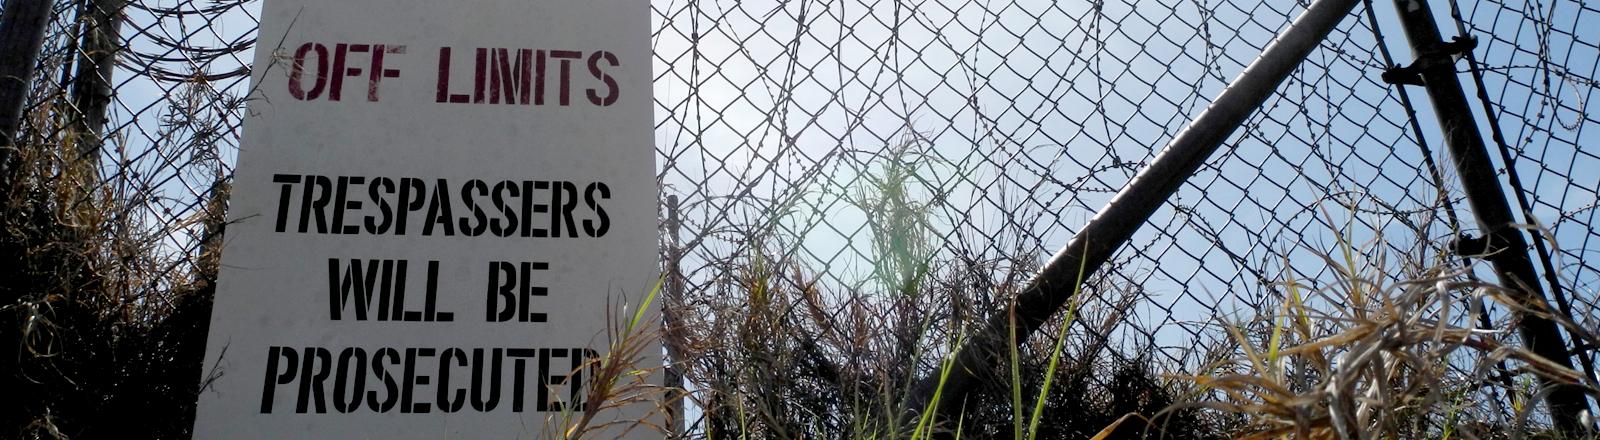 Ein Schild verbietet bei Strafe den Zugang zu Guantanamo